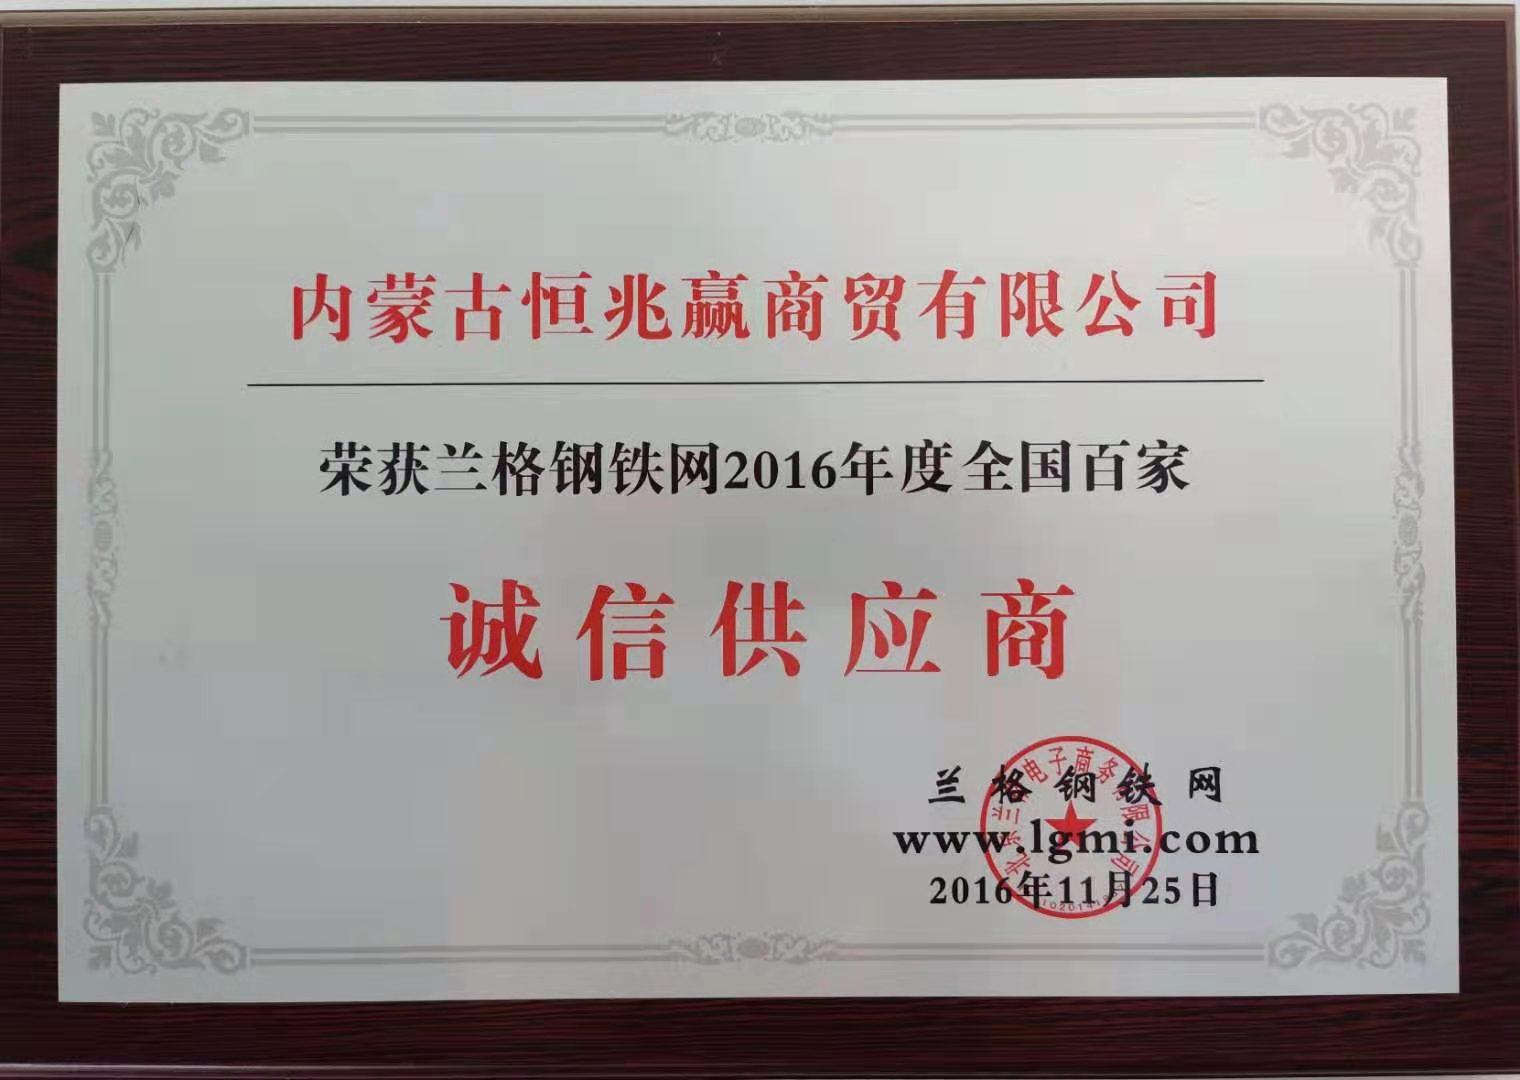 内蒙古恒兆赢诚信供应商